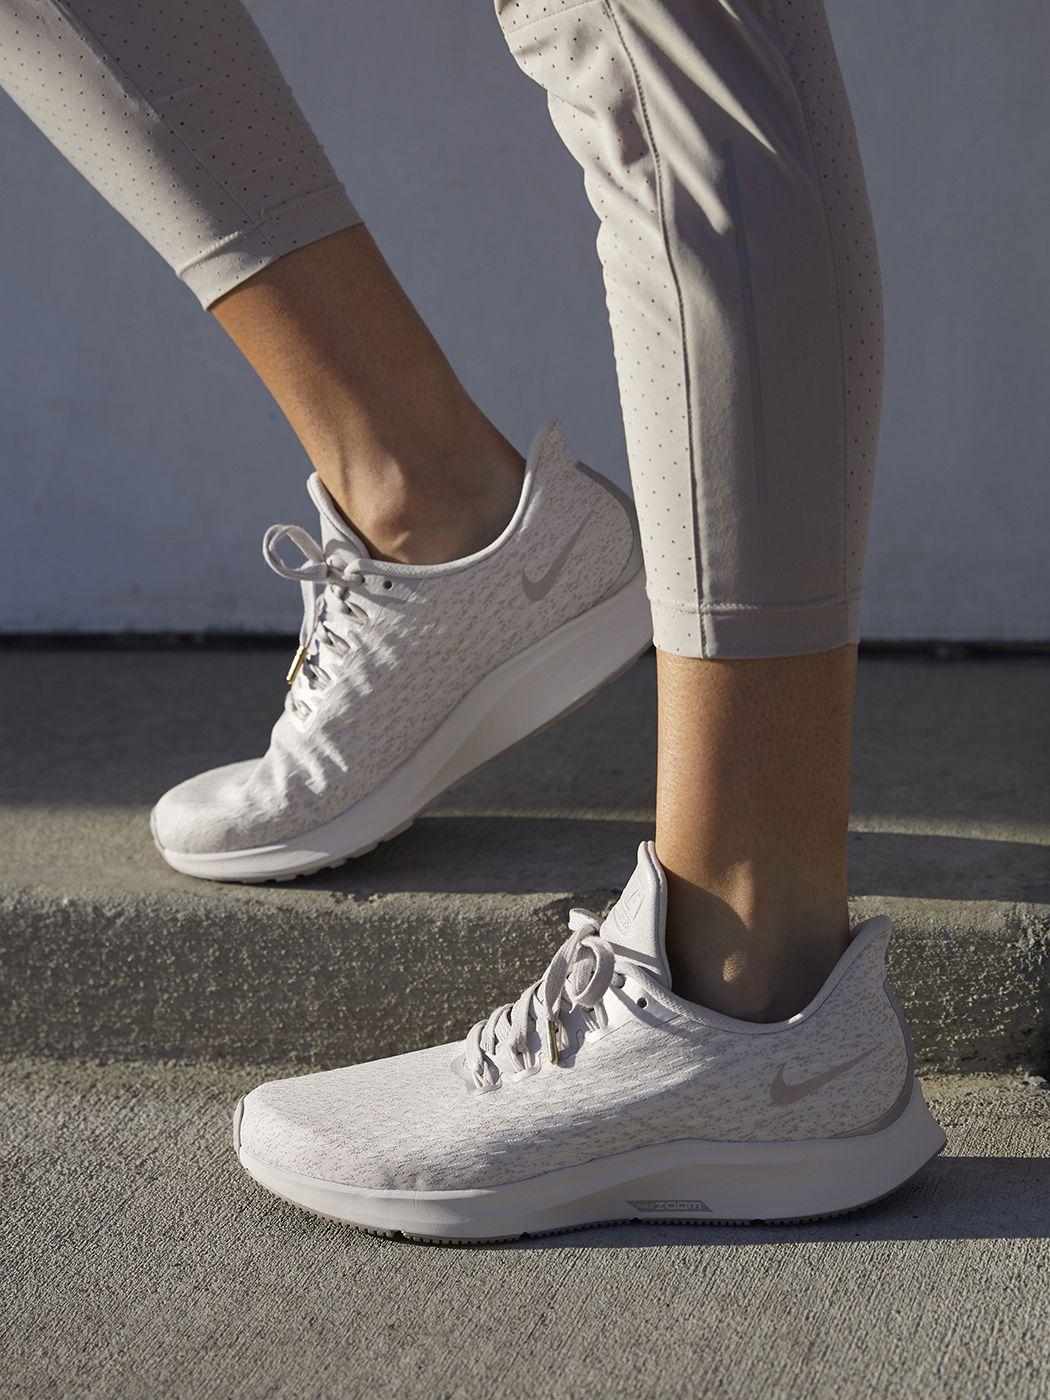 quality design 55af9 2f5da Nike W NIKE AIR ZOOM PEGASUS 35 PRM - Vast Grey/Moon ...